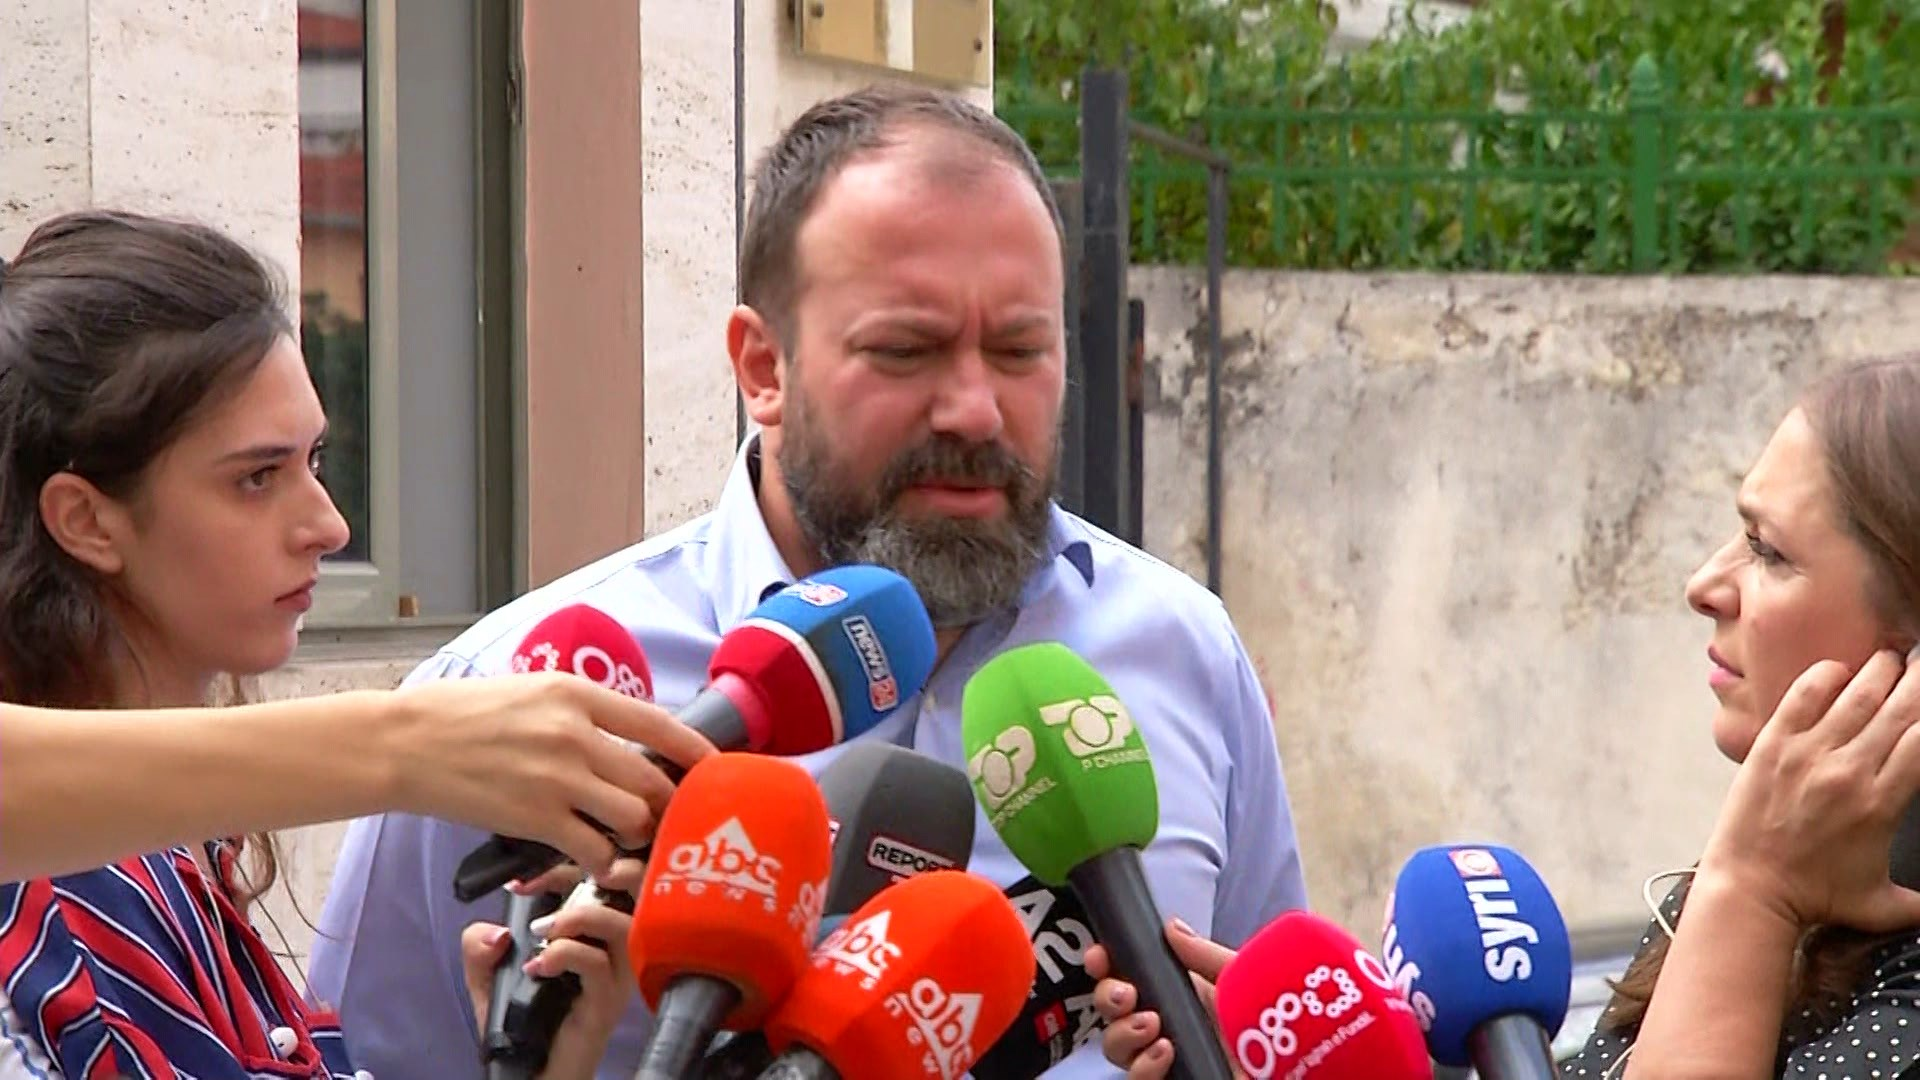 Mazniku në prokurori, pyetet për faturën 1816 euro të hotelit në Barcelonë